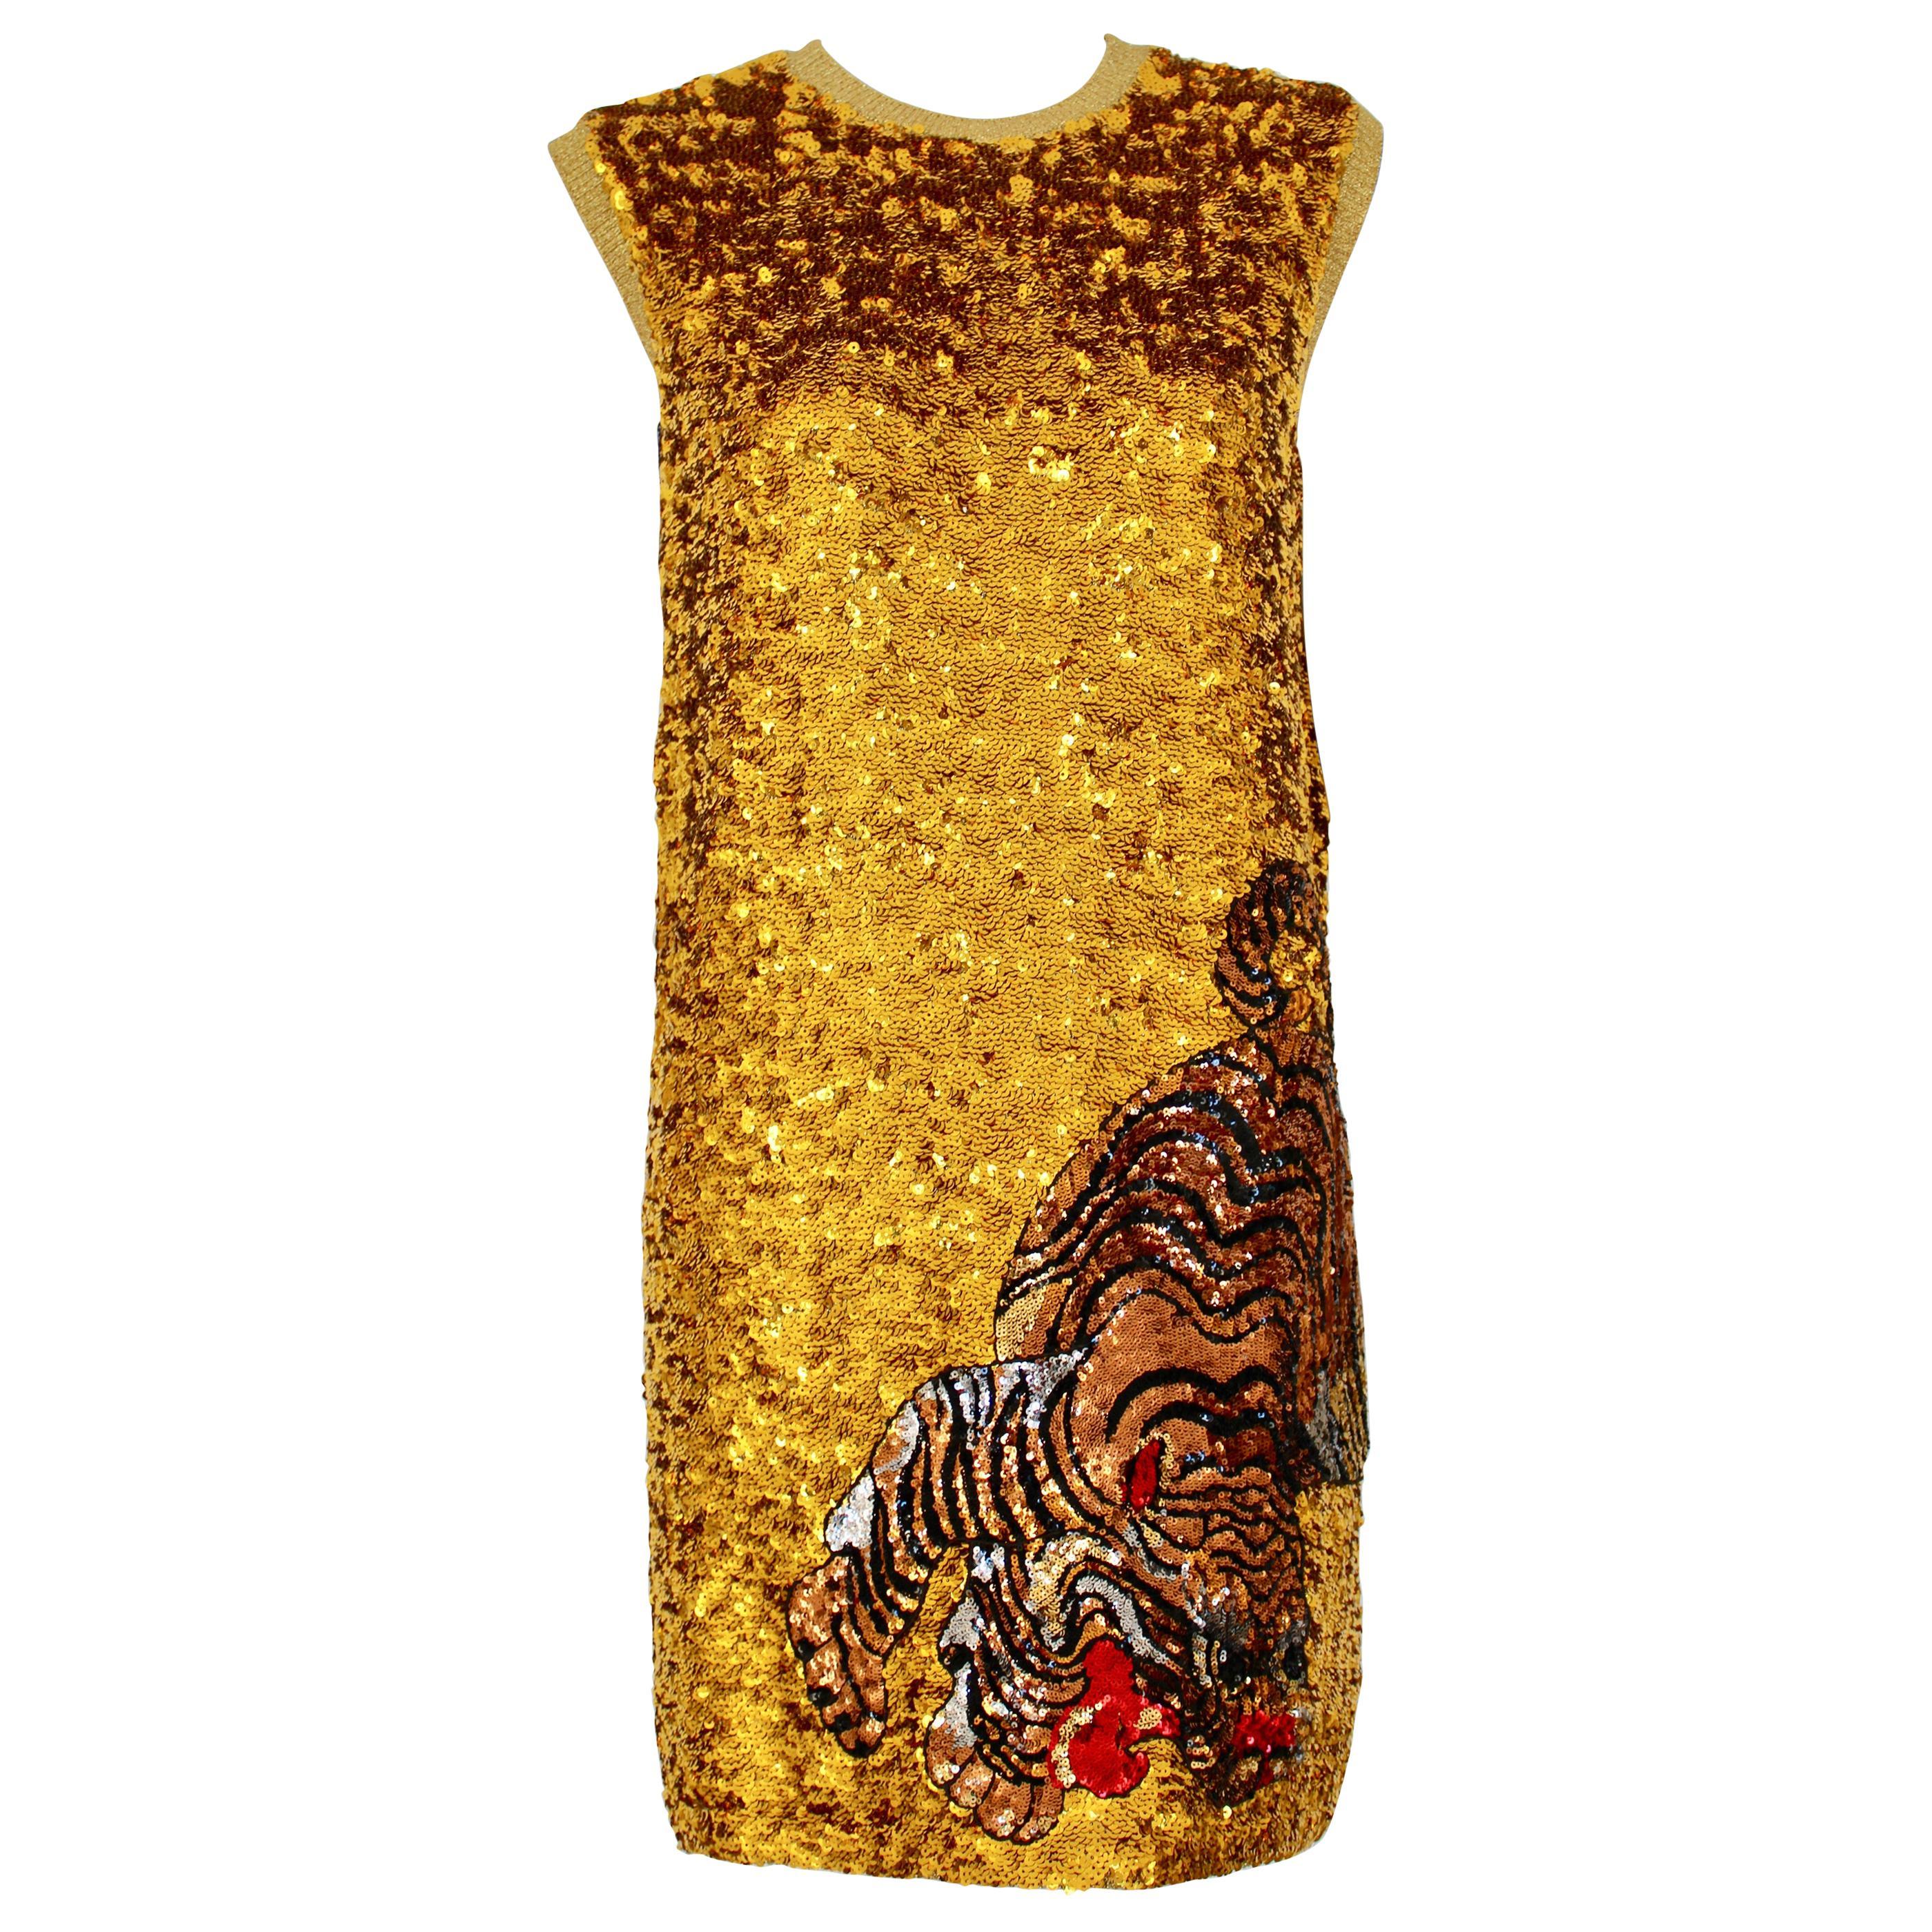 RARE Gucci Gold Sequin dress